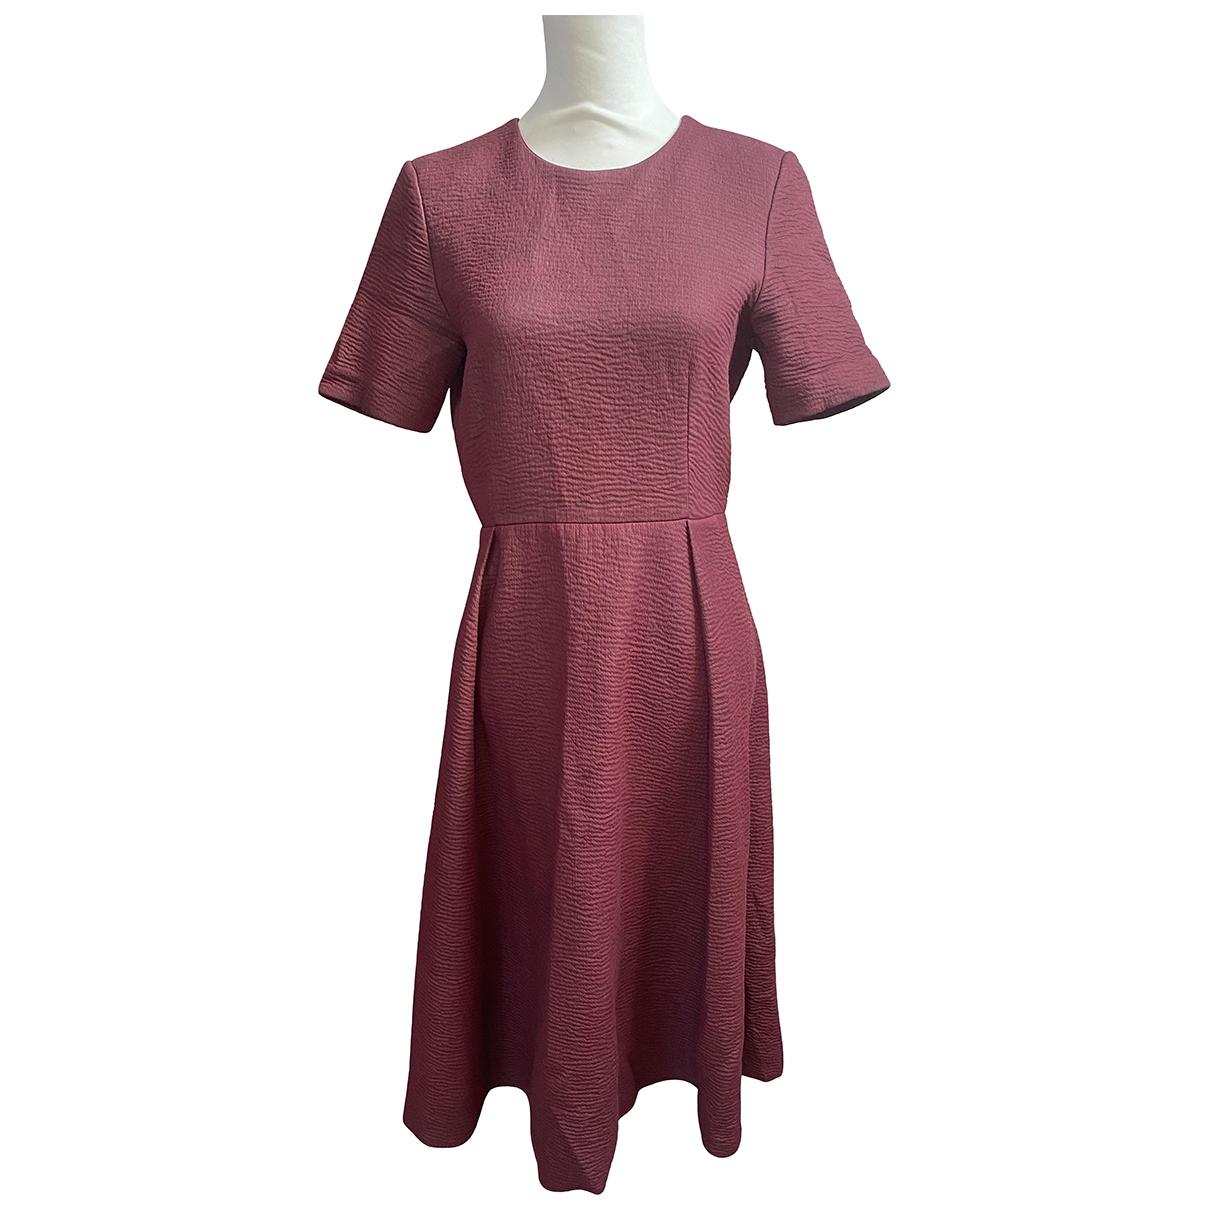 Cos \N Kleid in  Bordeauxrot Baumwolle